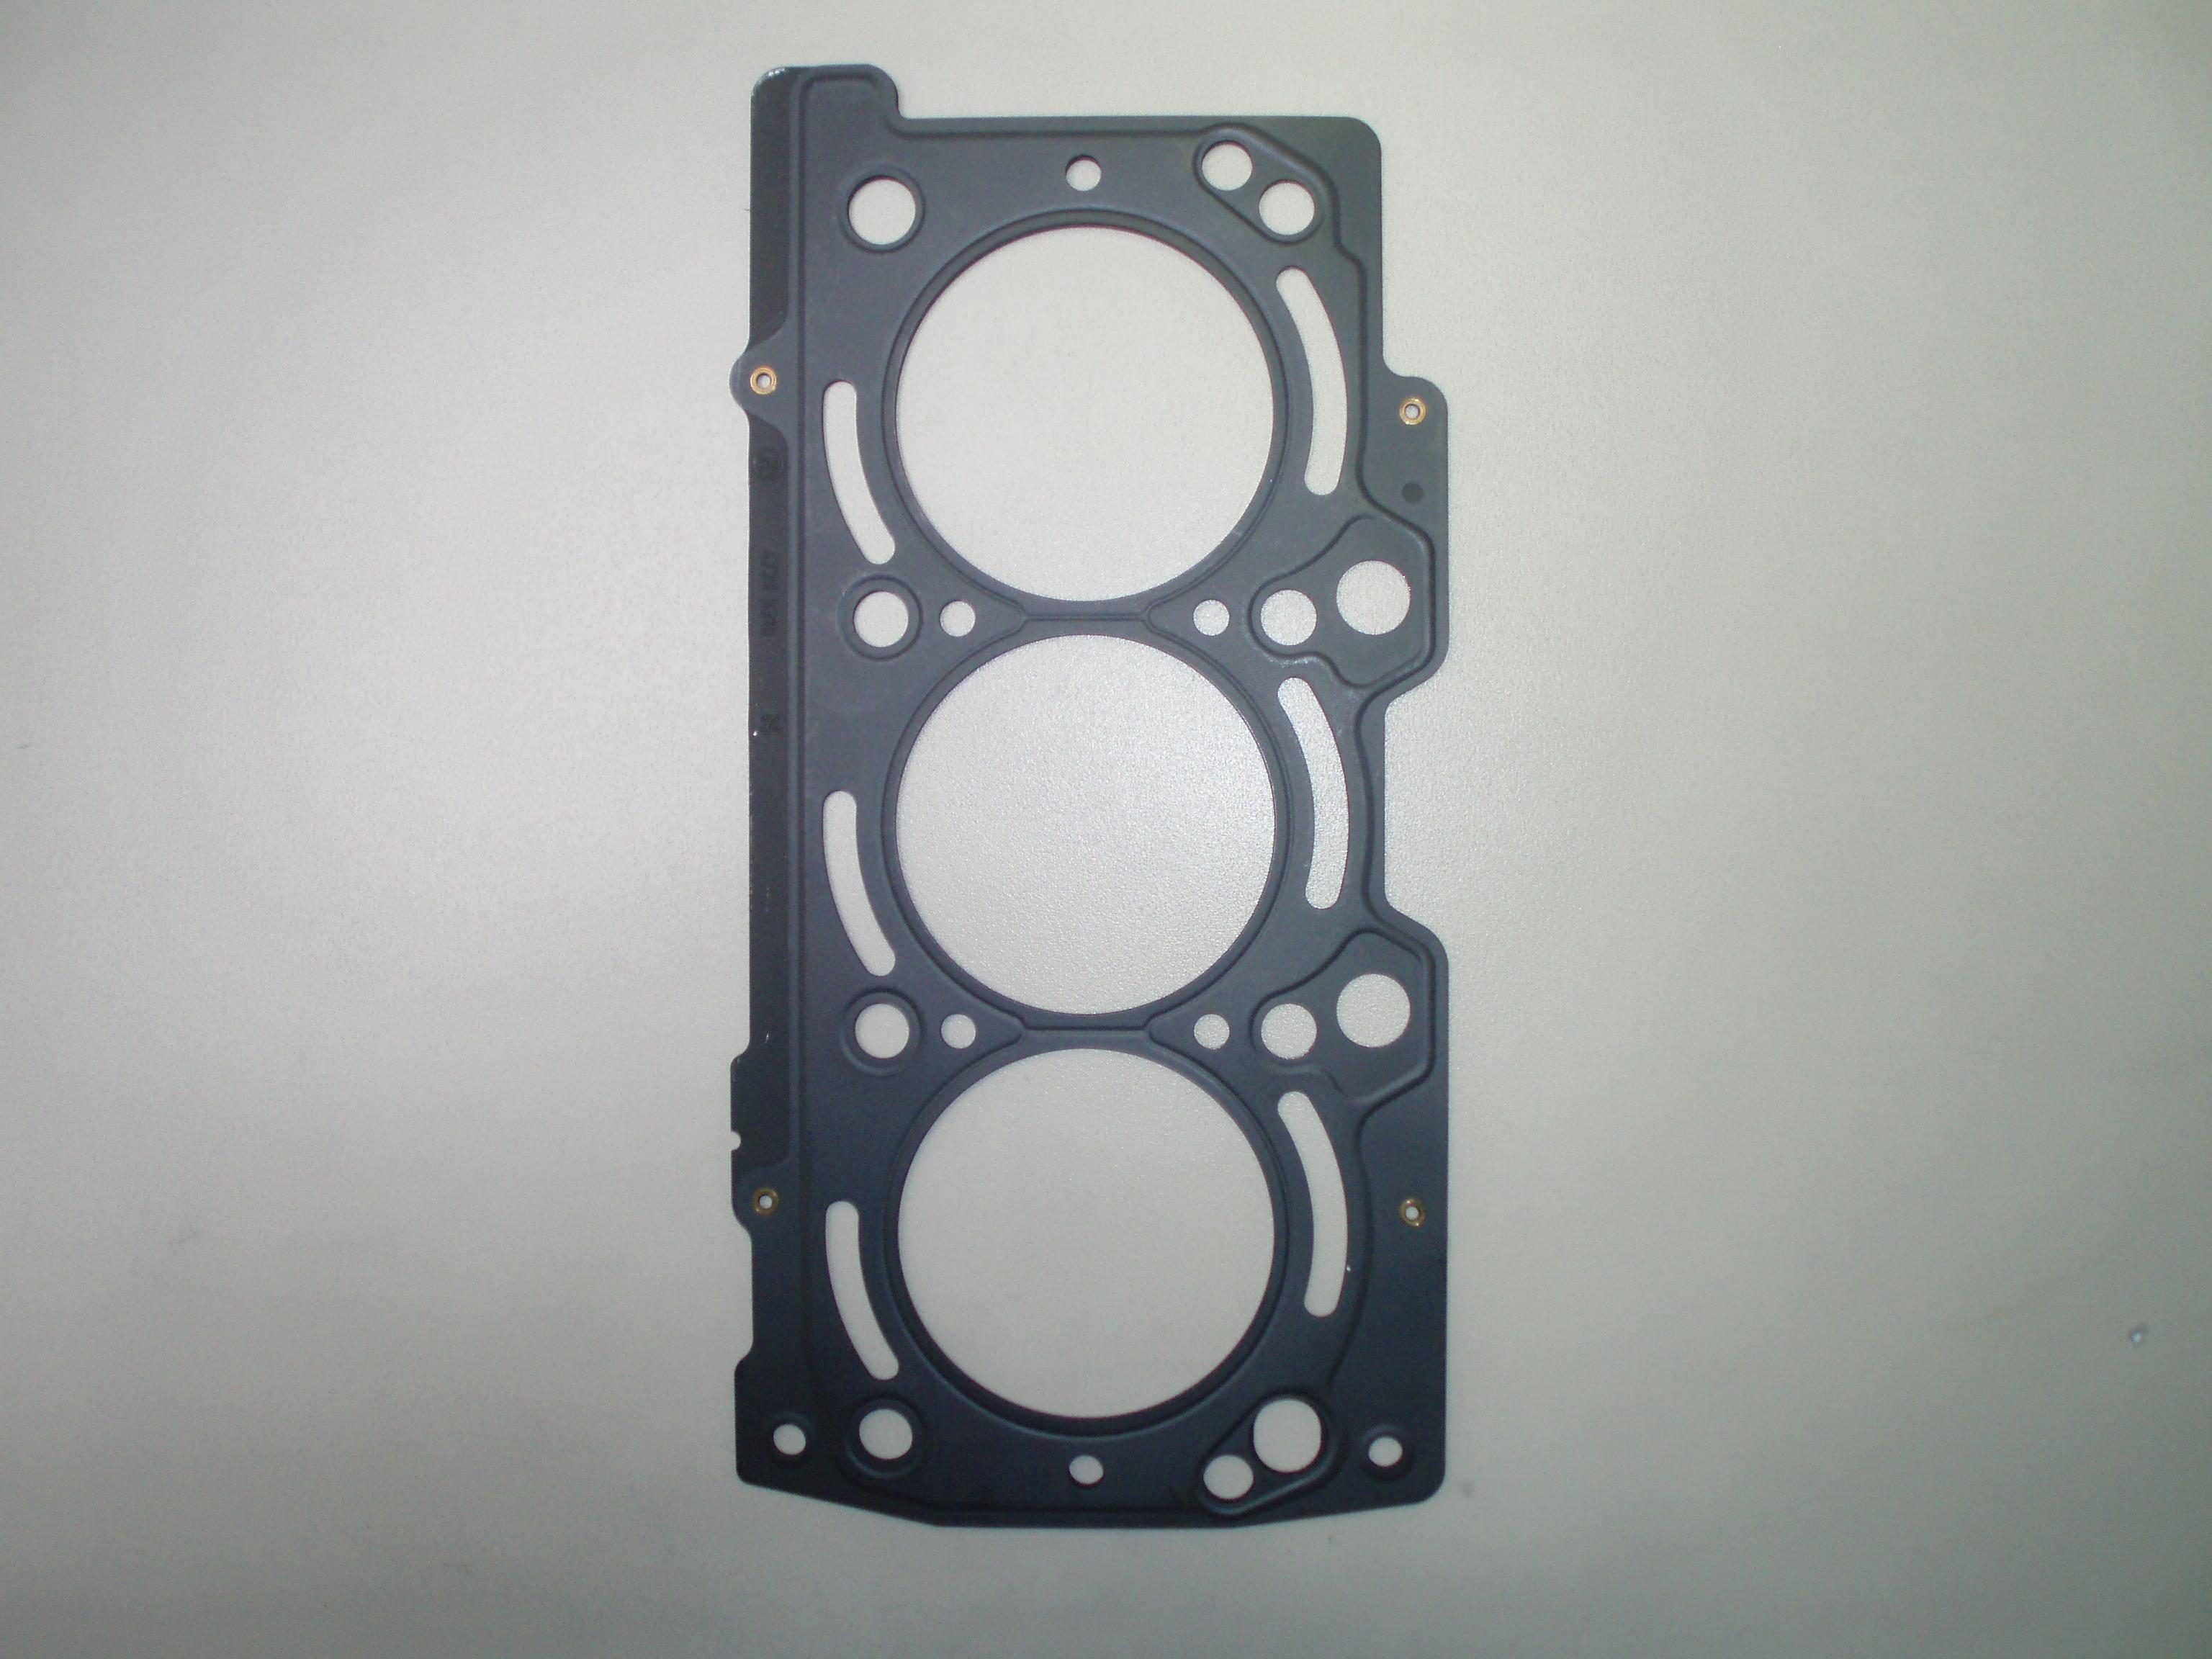 Joint culasse LDW1003 FOCS LOMBARDINI ED0047300040-S / ED0047300050-S / ED0047308330-S